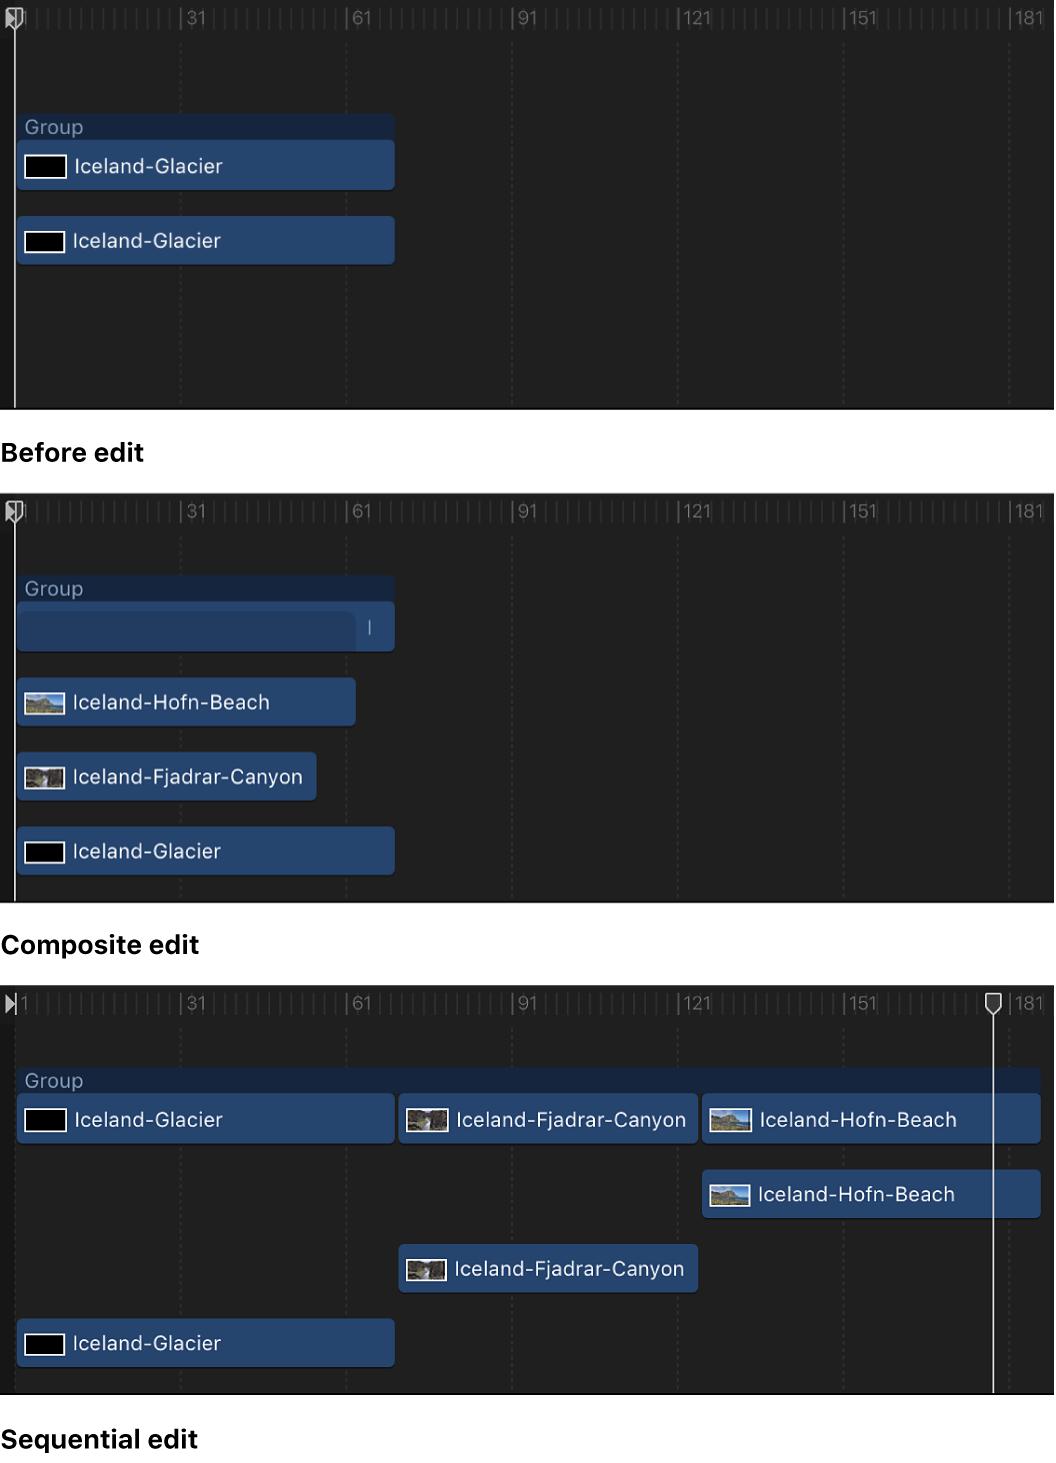 Timeline mit dem Originalclip in der Timeline und mit Clips als Composite und sequenziell zu einer Sequenz hinzugefügt